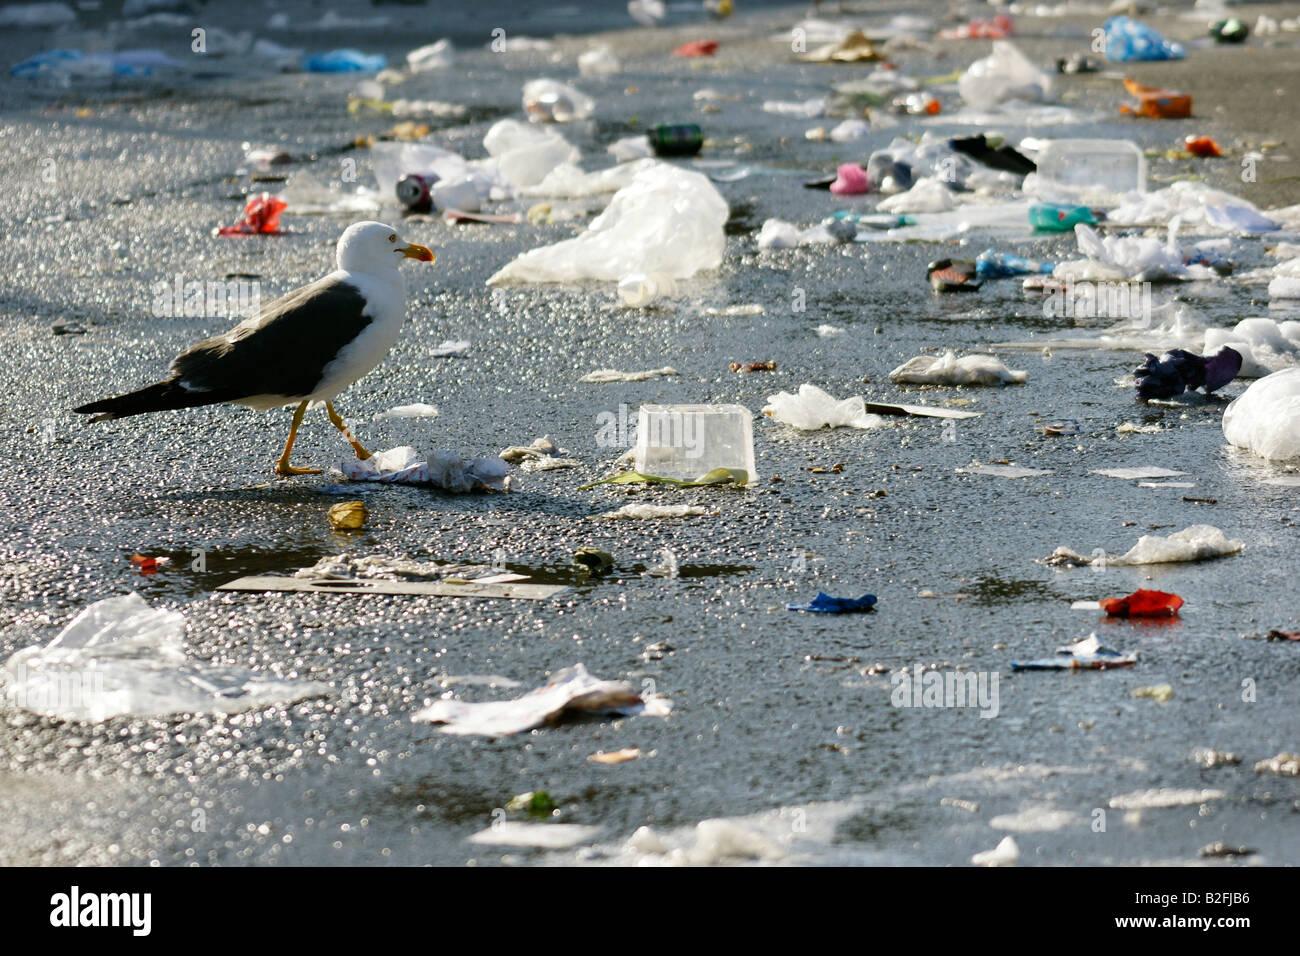 Möwe zu Fuß in schrecklicher Abfall Müll Durcheinander bei Street in Rotterdam, Niederlande Stockbild